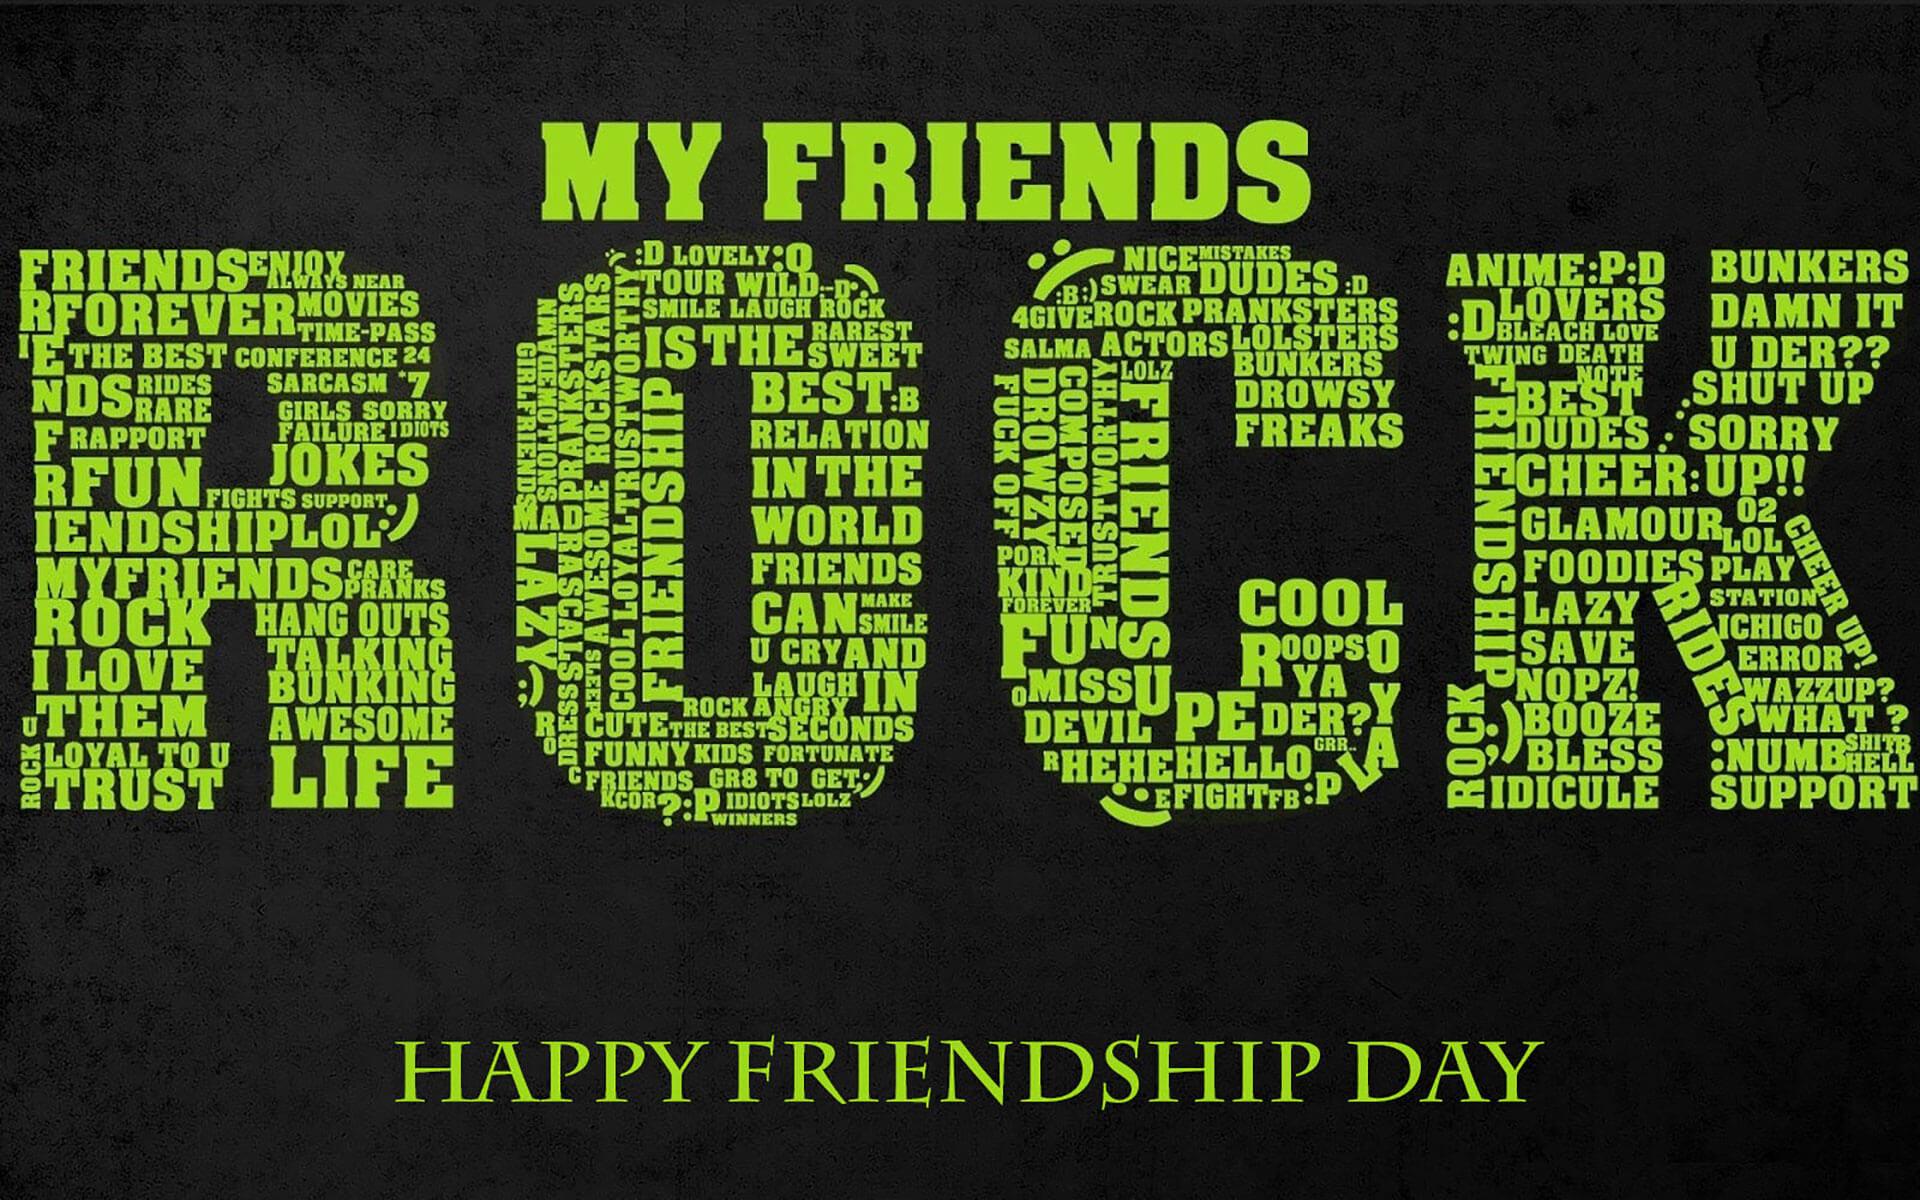 happy friendship day meanings rock hd wallpaper